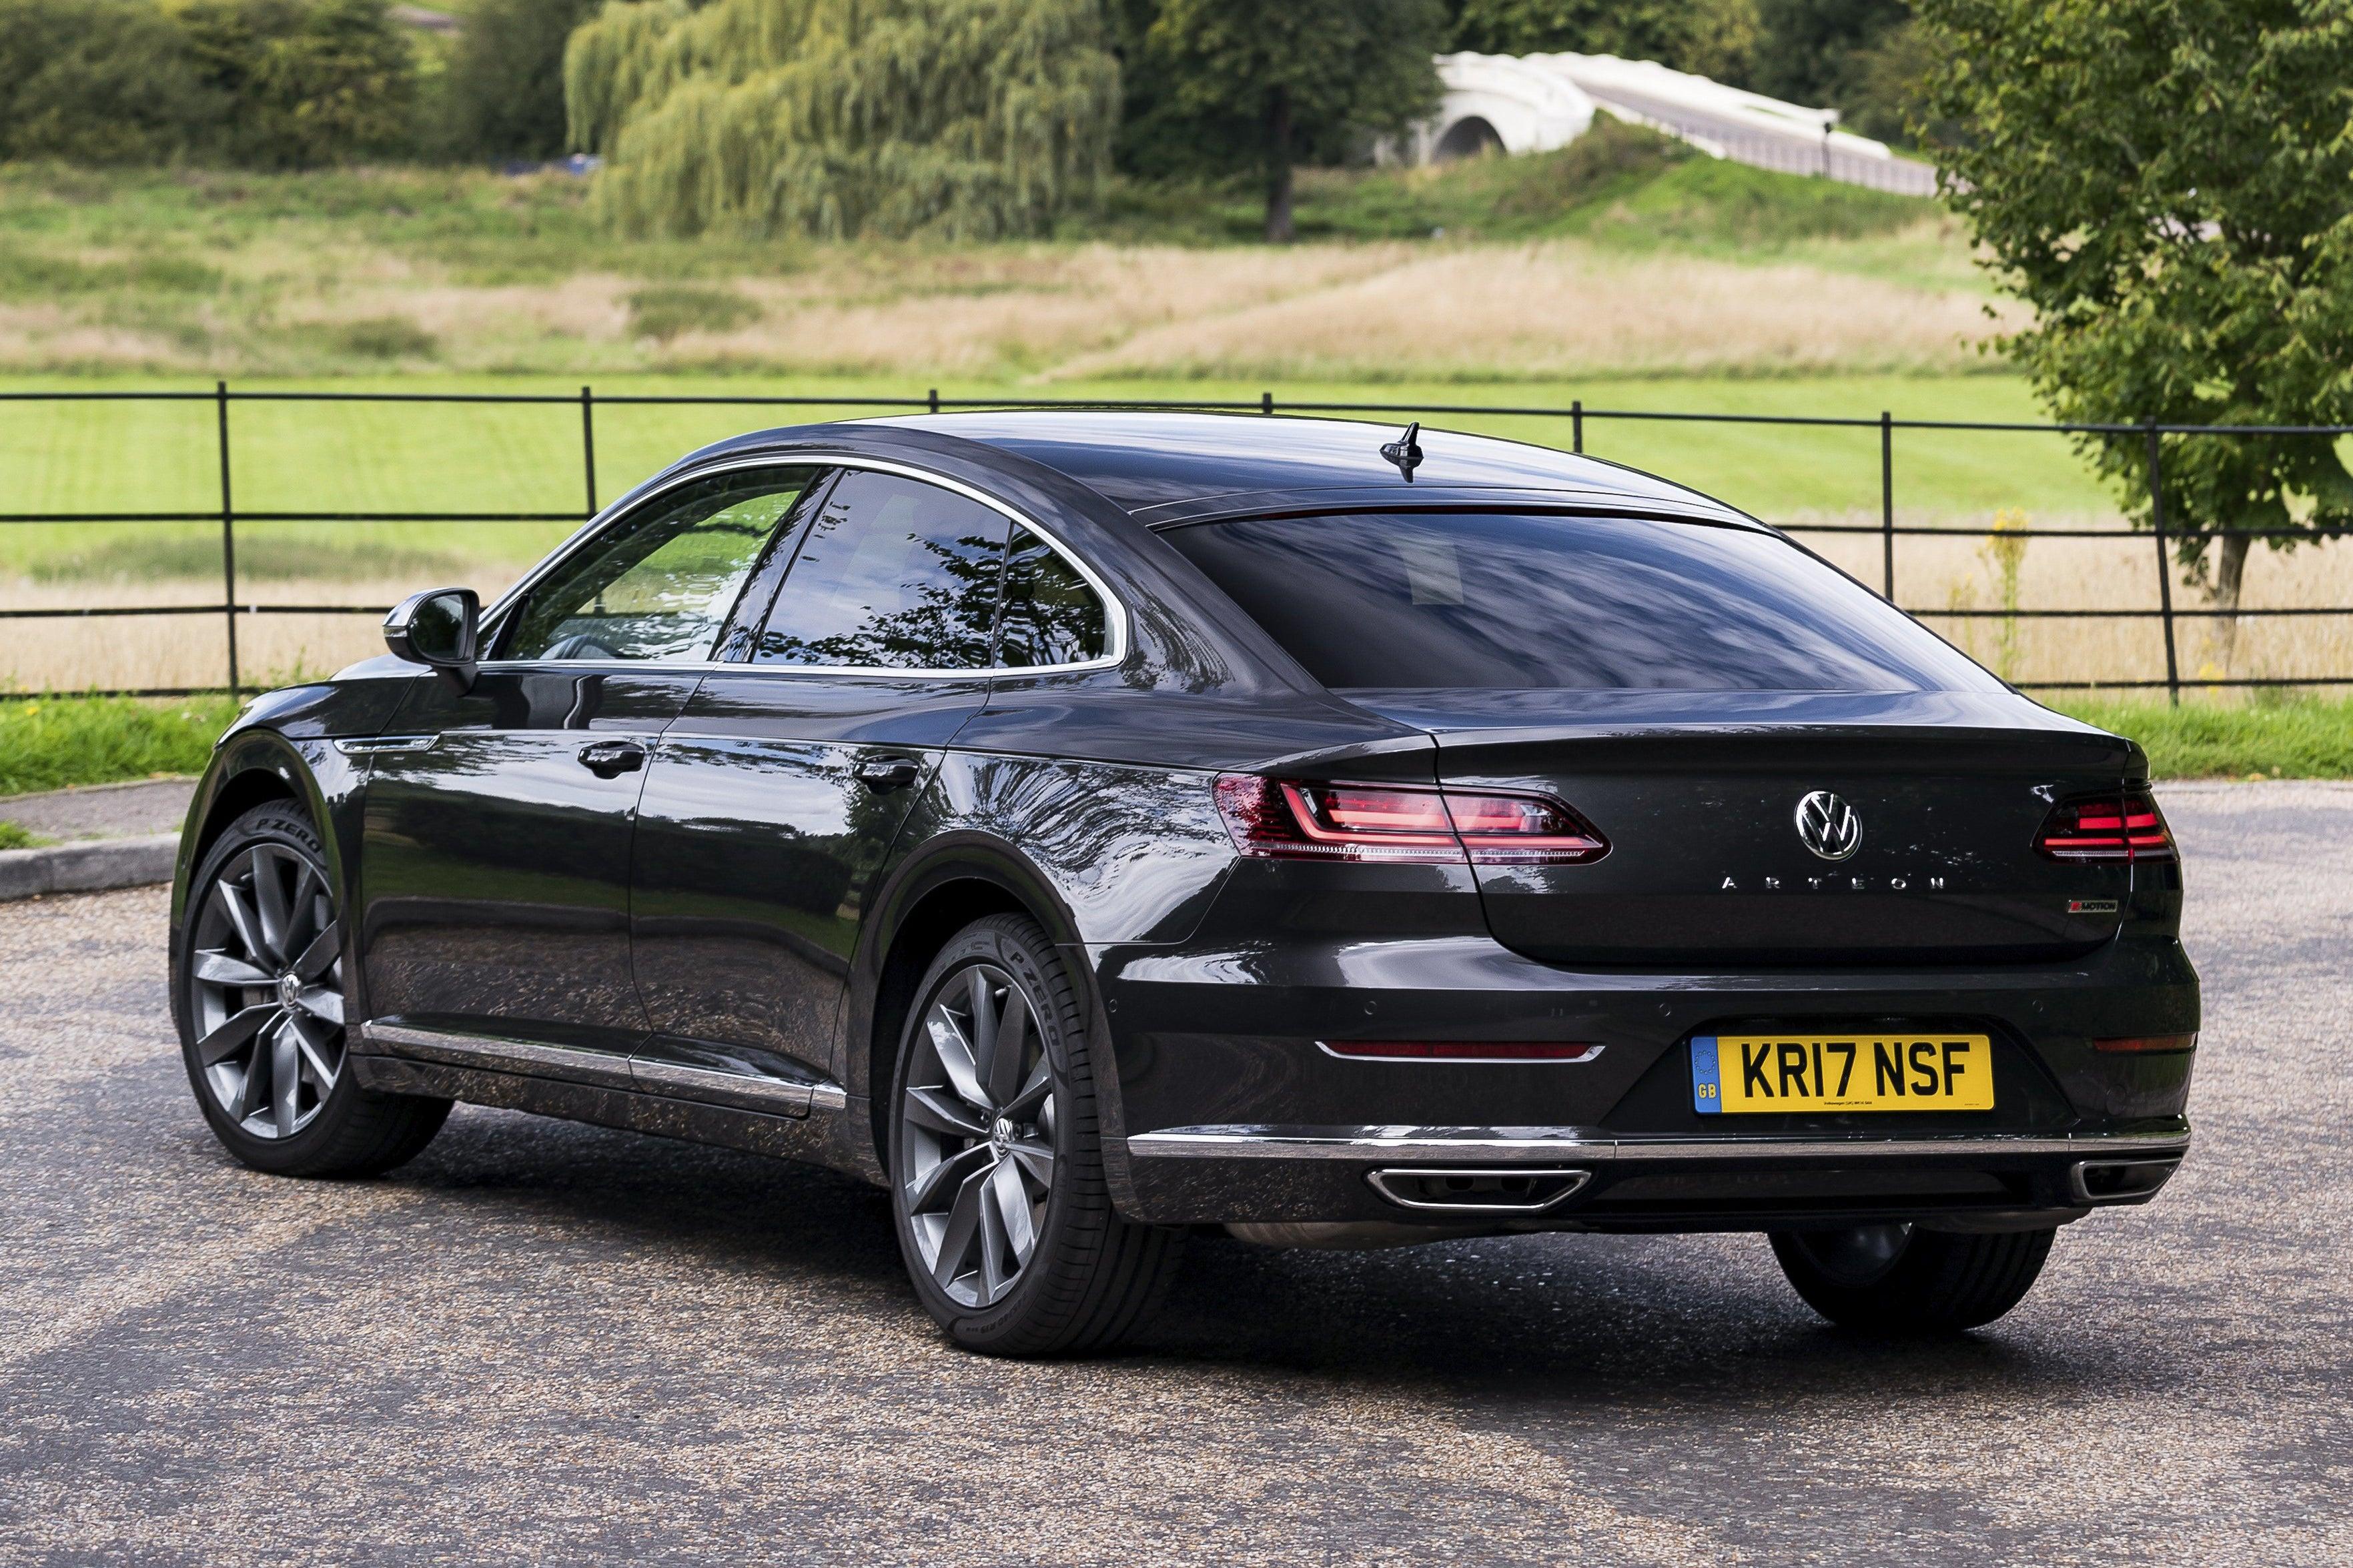 Volkswagen Arteon Rear Side View